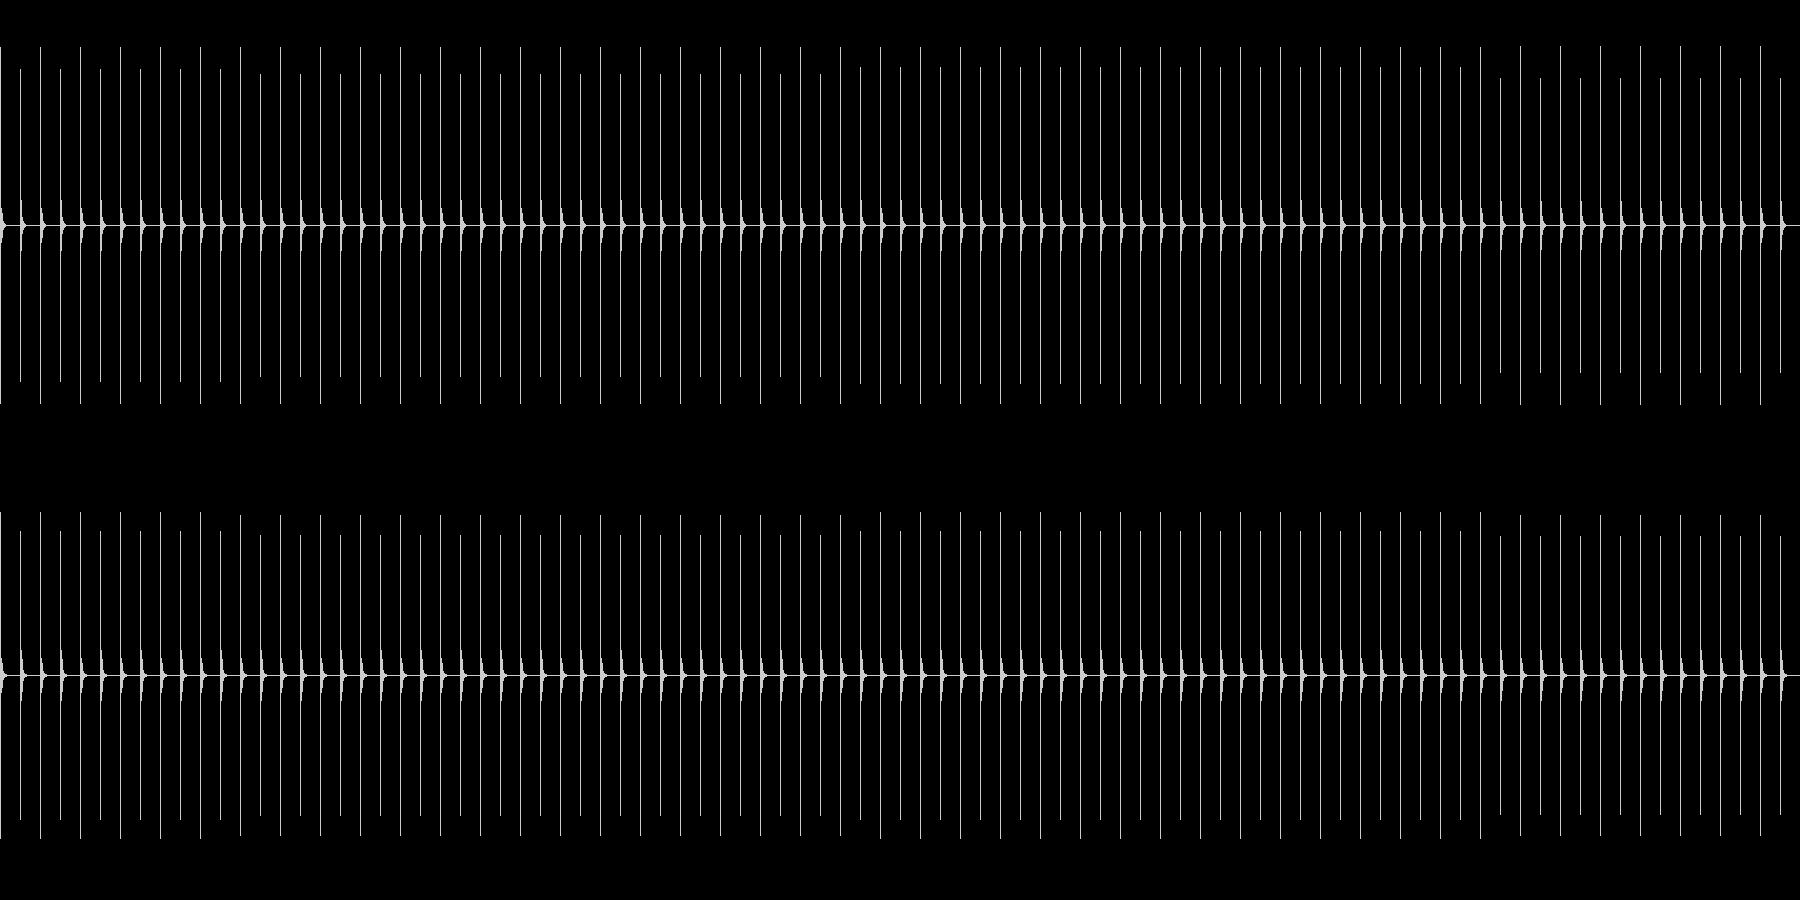 振り子式メトロノーム08-Moderatの未再生の波形